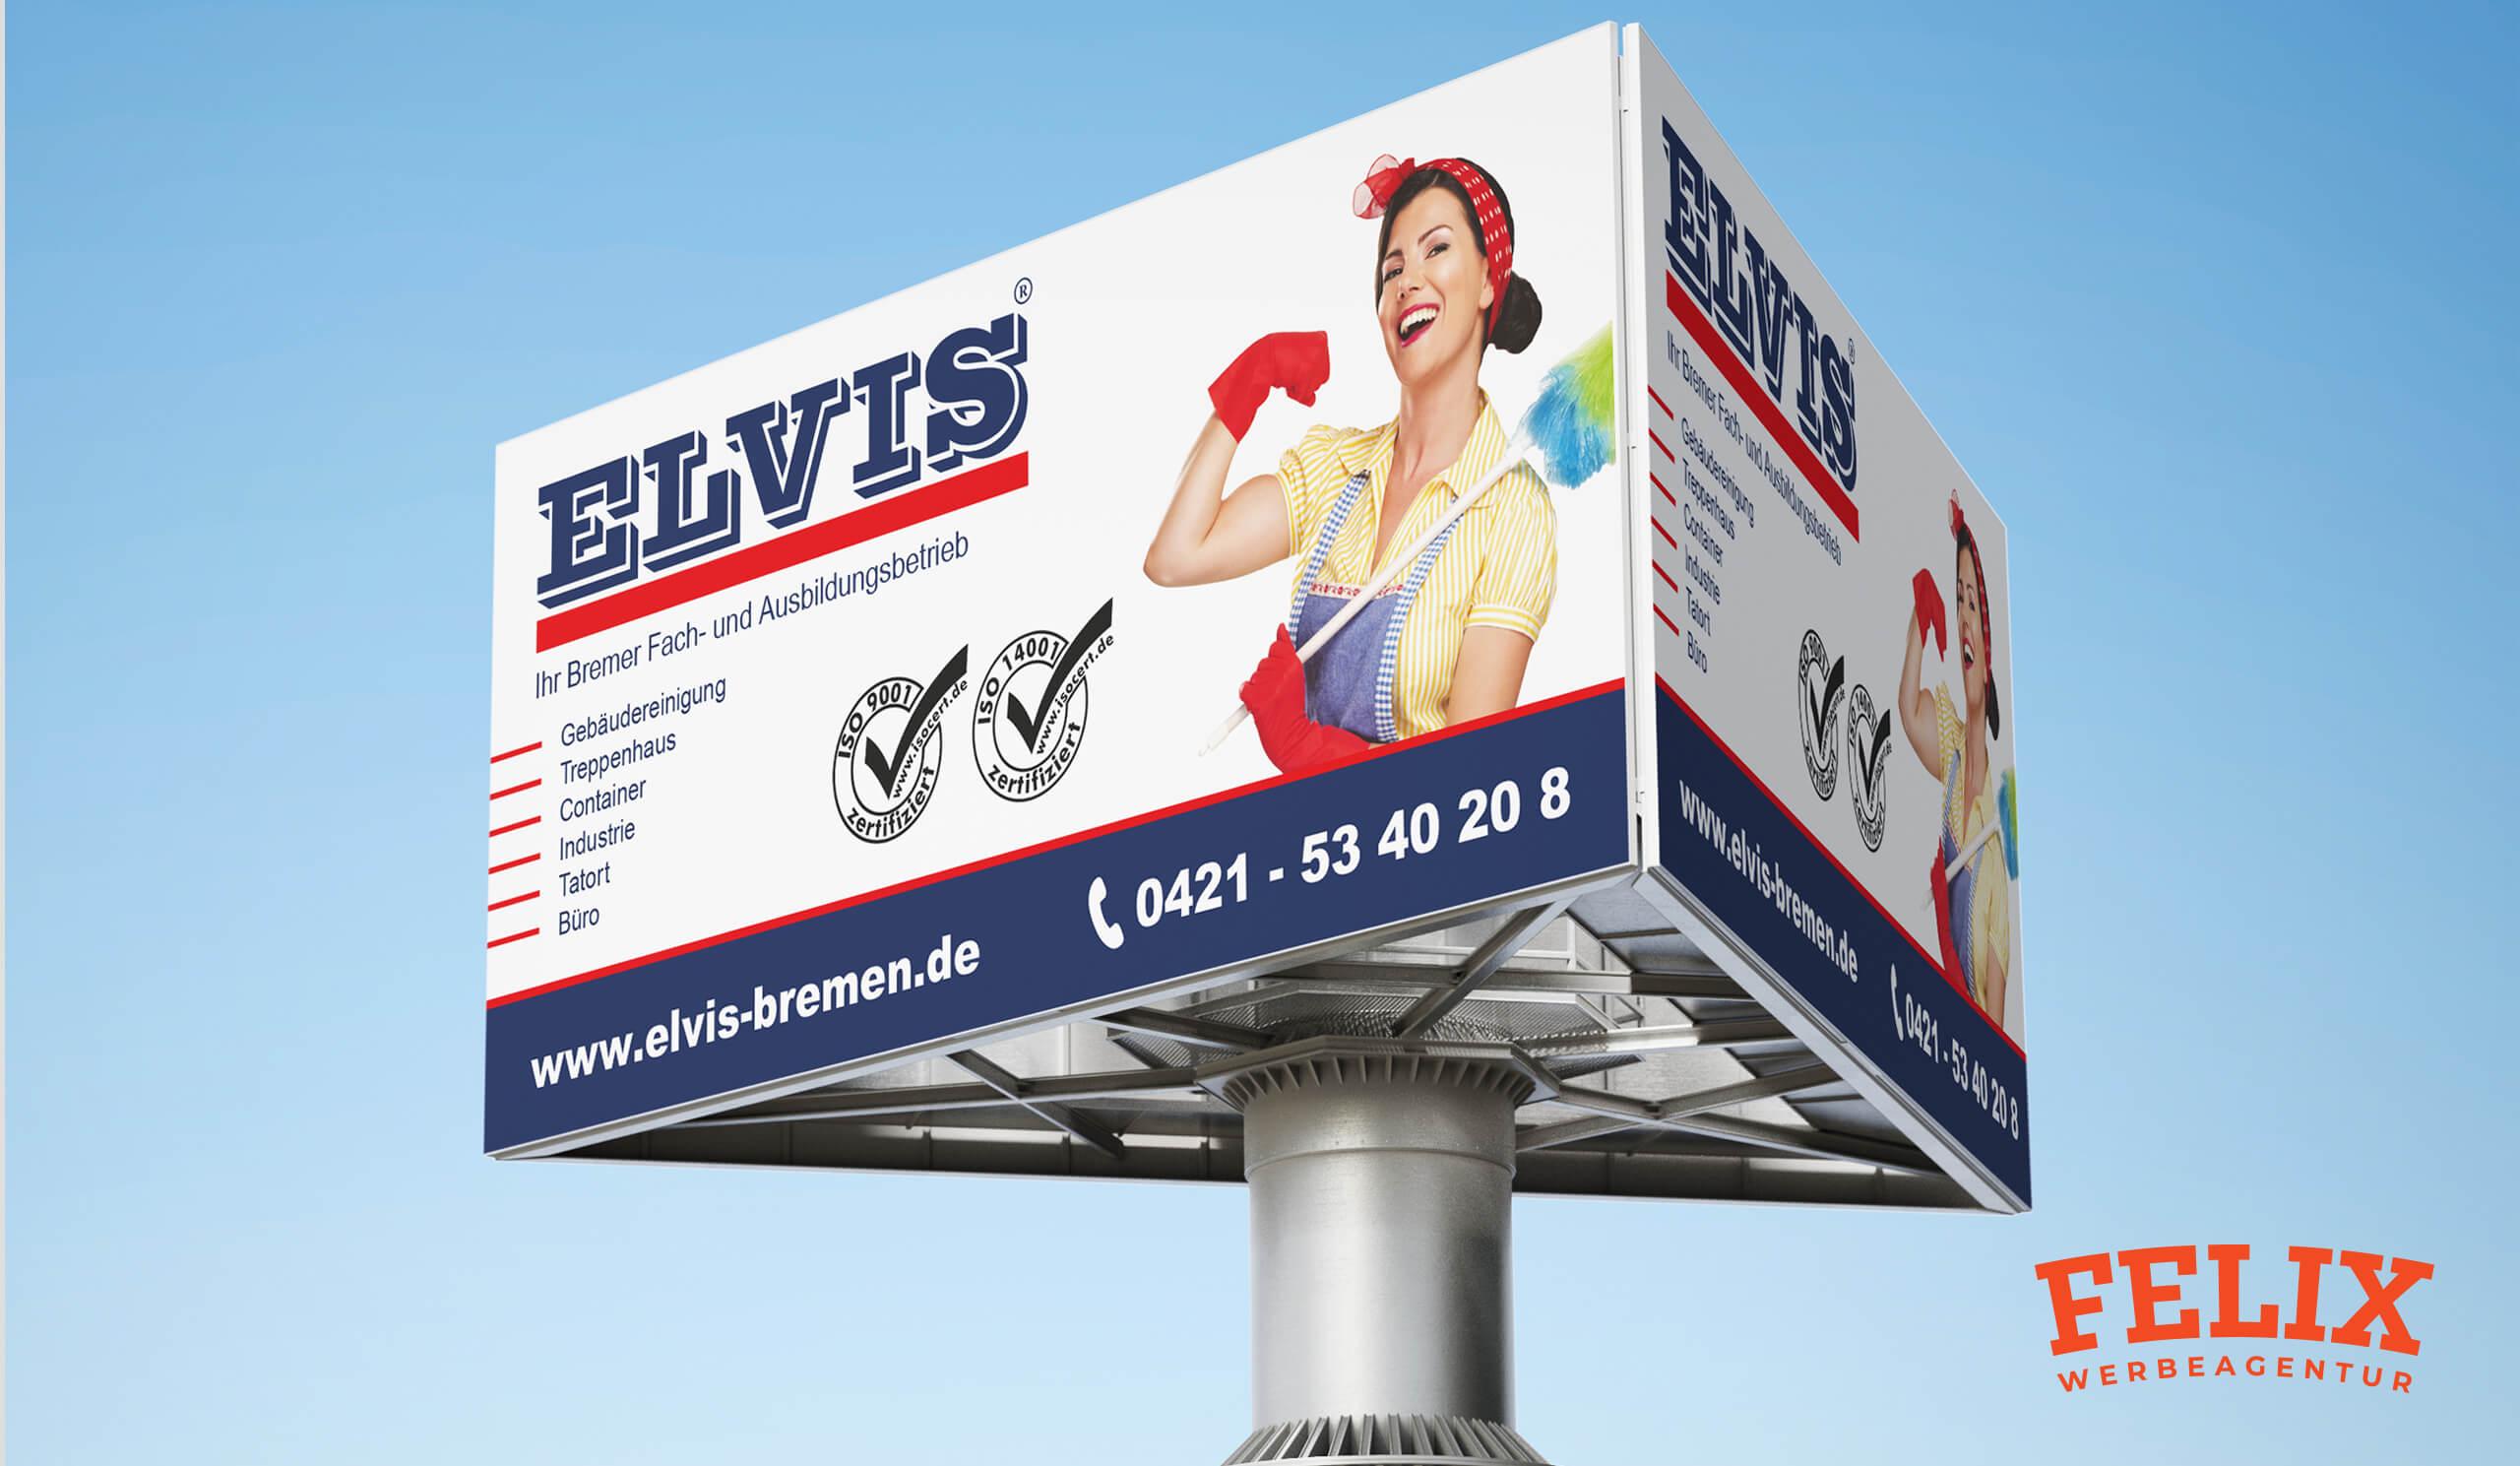 Mockup_ELVIS GmbH & Co. KG_Plakat_Mega Light Stroer